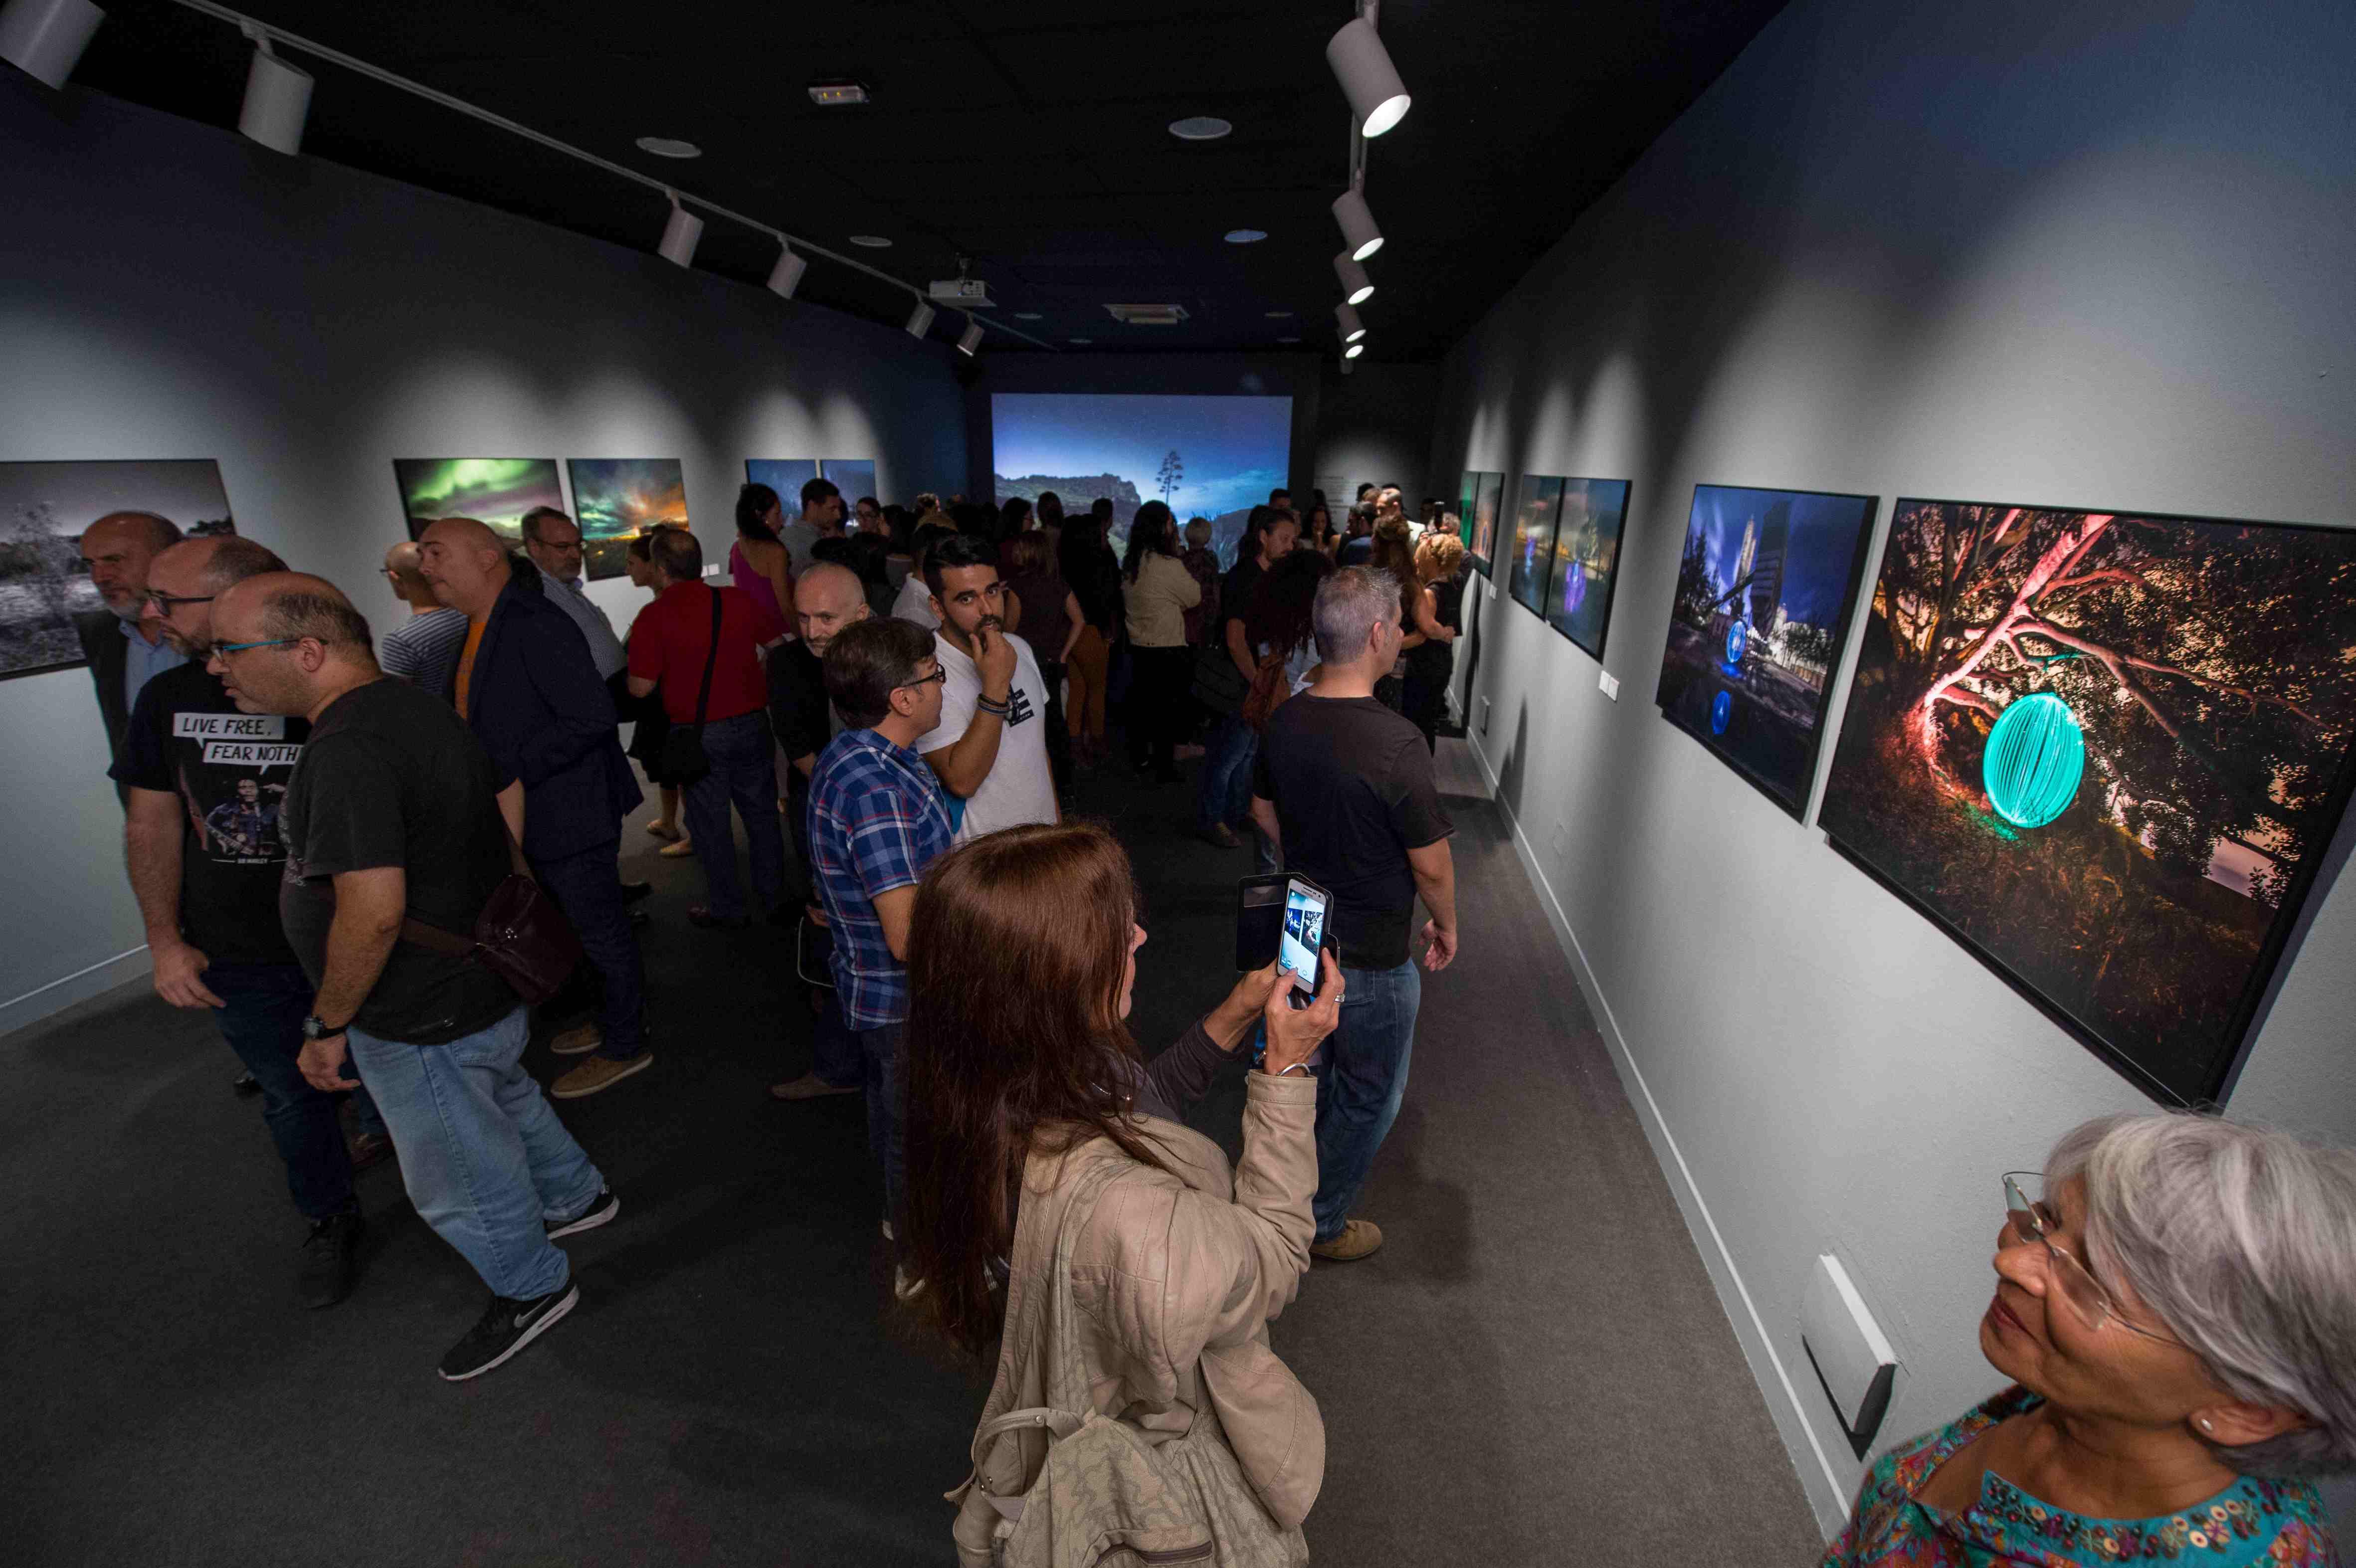 Expira el plazo para la subvención de proyectos culturales en Gran Canaria Espacio Digital